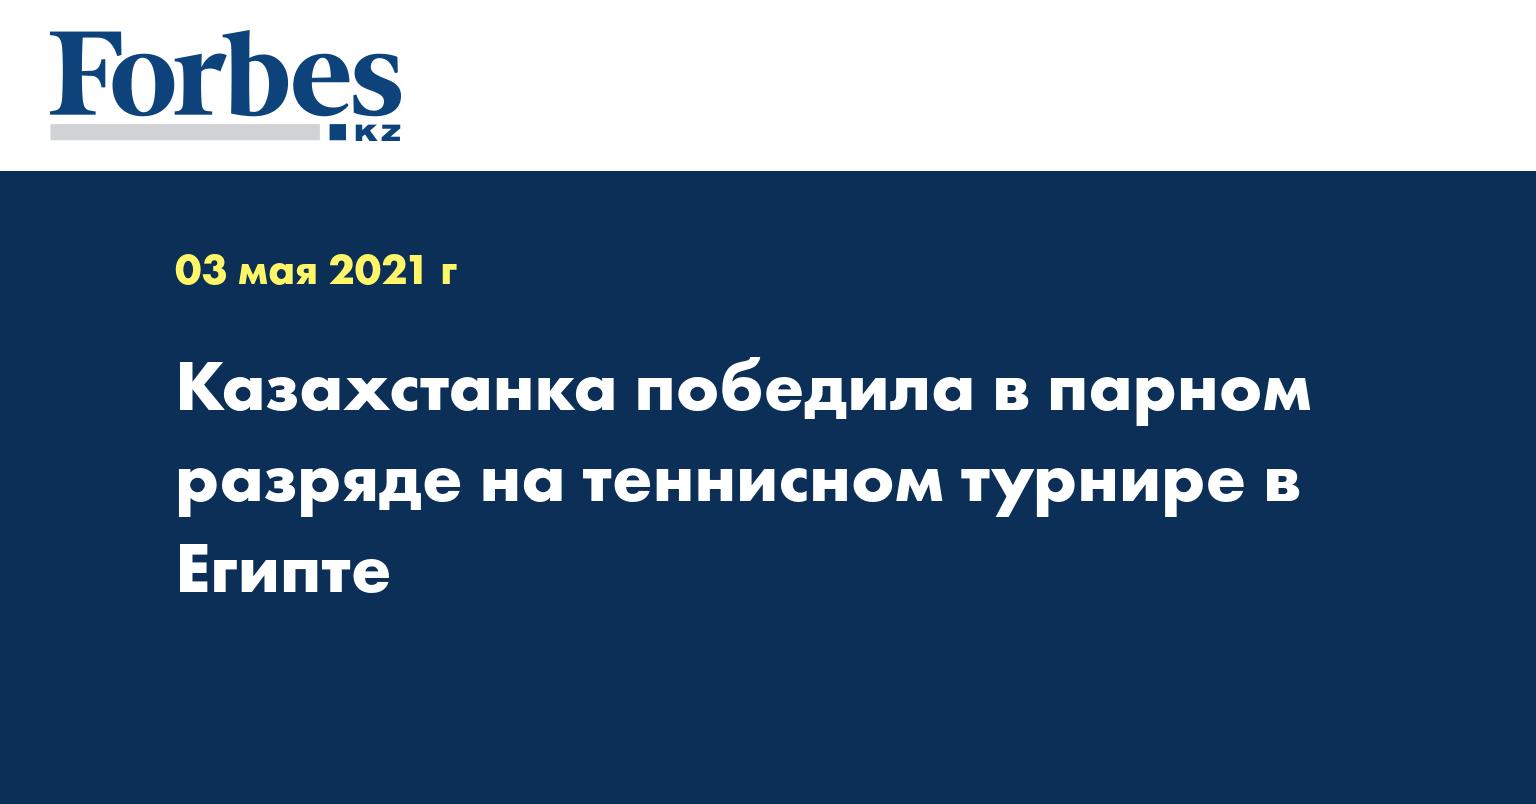 Казахстанка победила в парном разряде на теннисном турнире в Египте